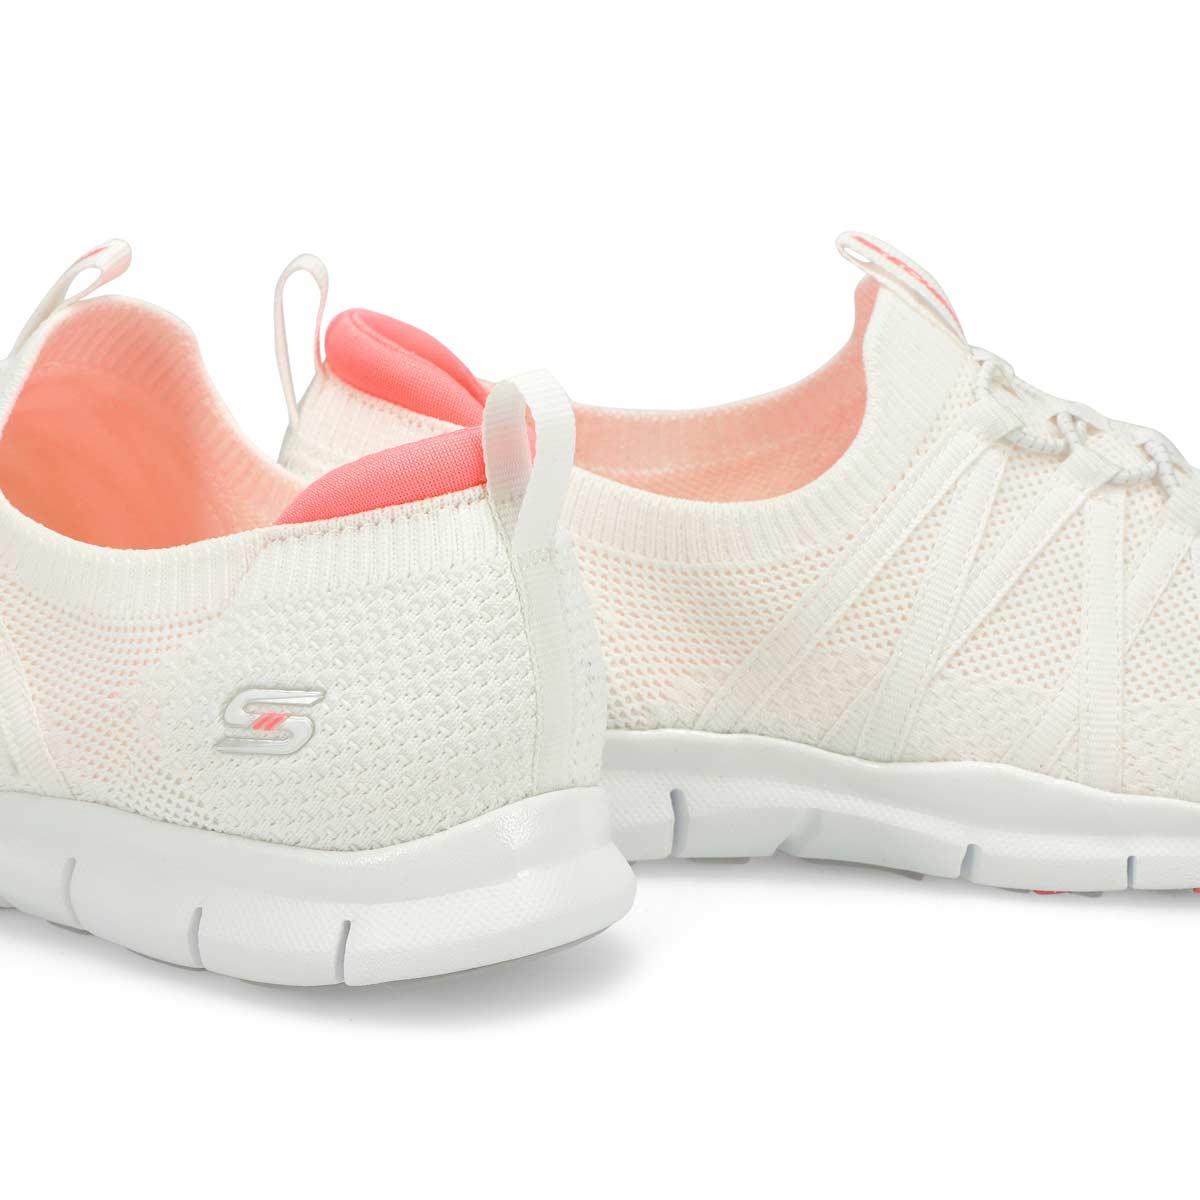 Women's Gratis Chic Newness Shoe - White